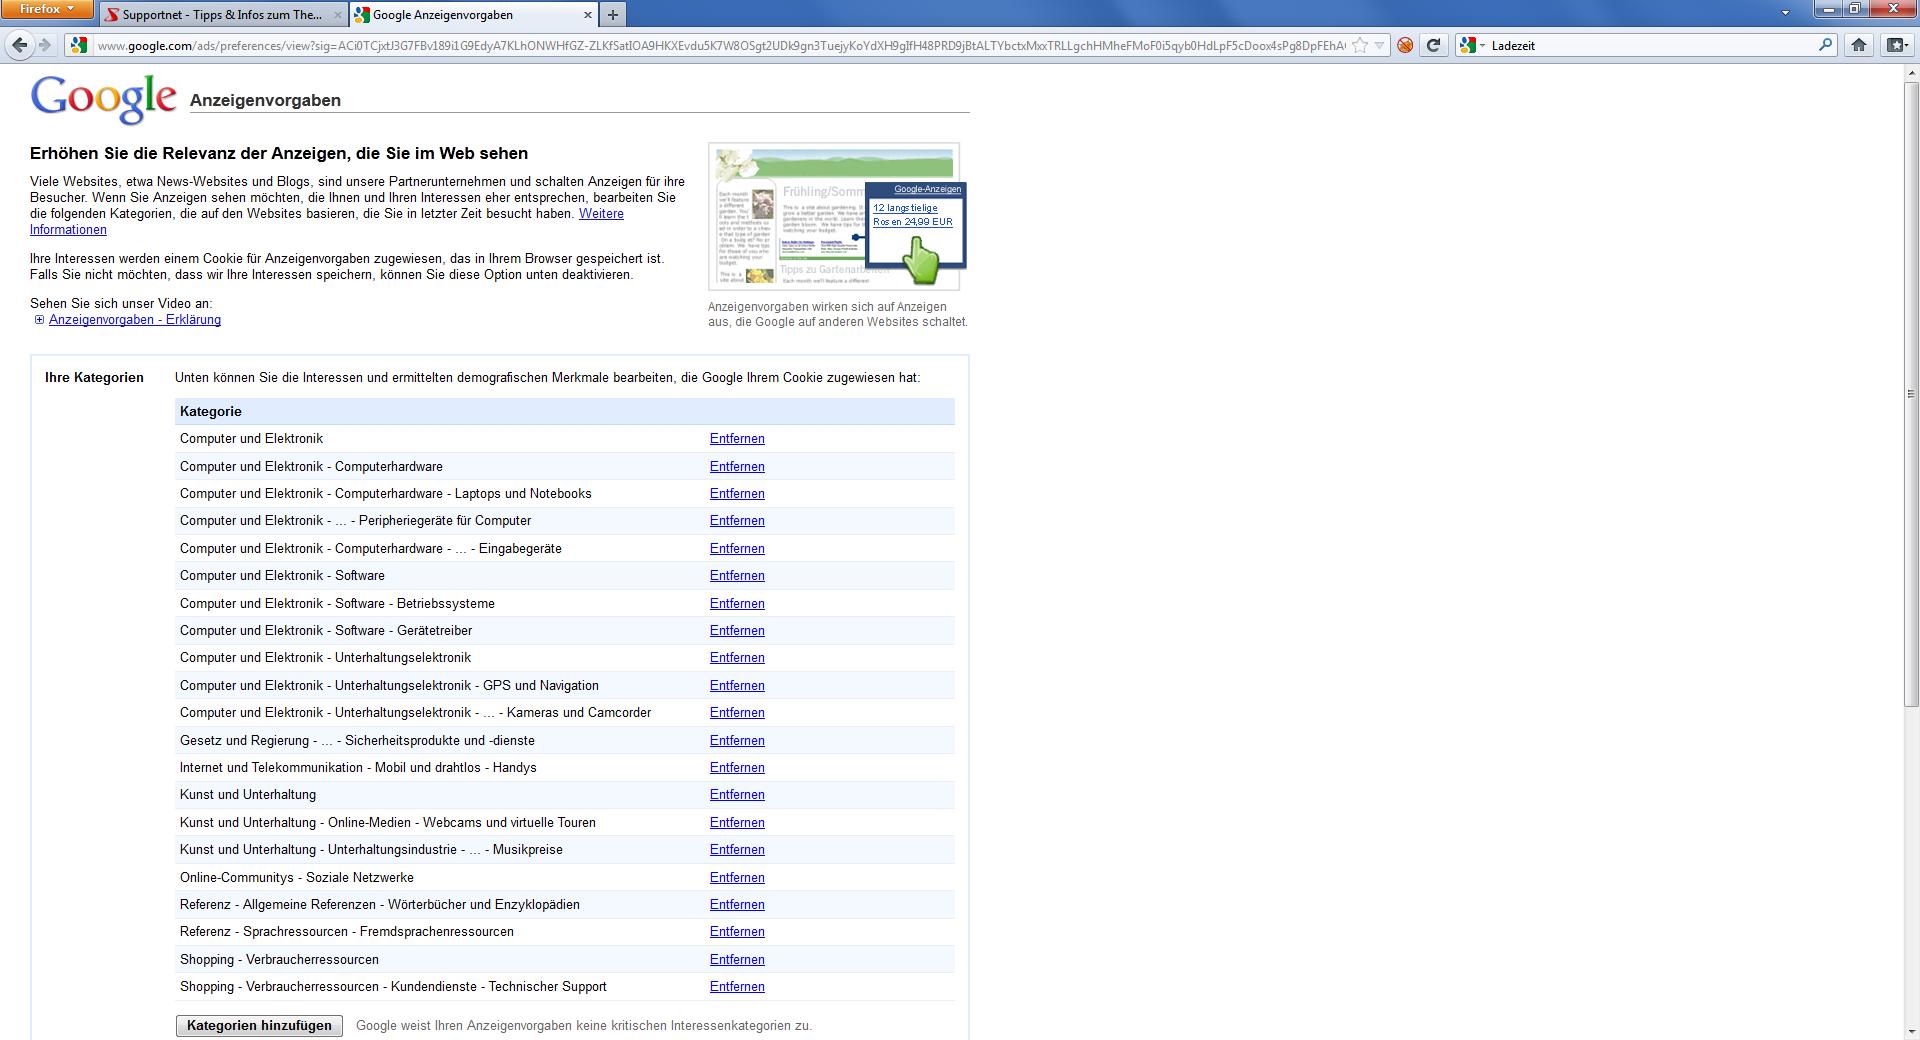 02-anzeigenvorgaben-manager-von-google-kategorien-aendern-470.png?nocache=1324549556110